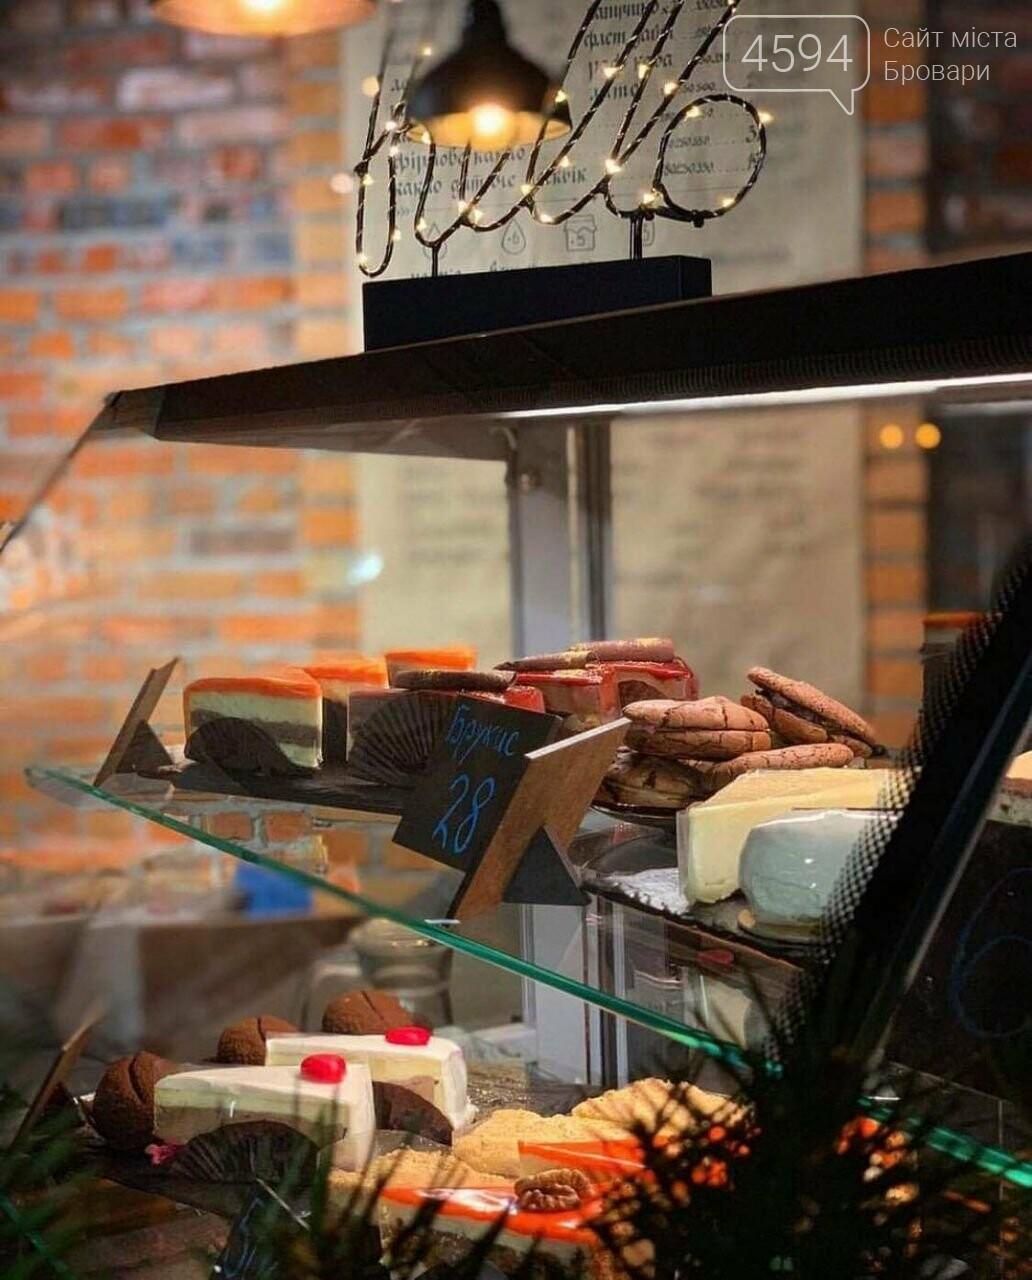 Відомий актор та телеведучий Андрій Мерзлікін з дружиною відкрив кав'ярню в Броварах, фото-2